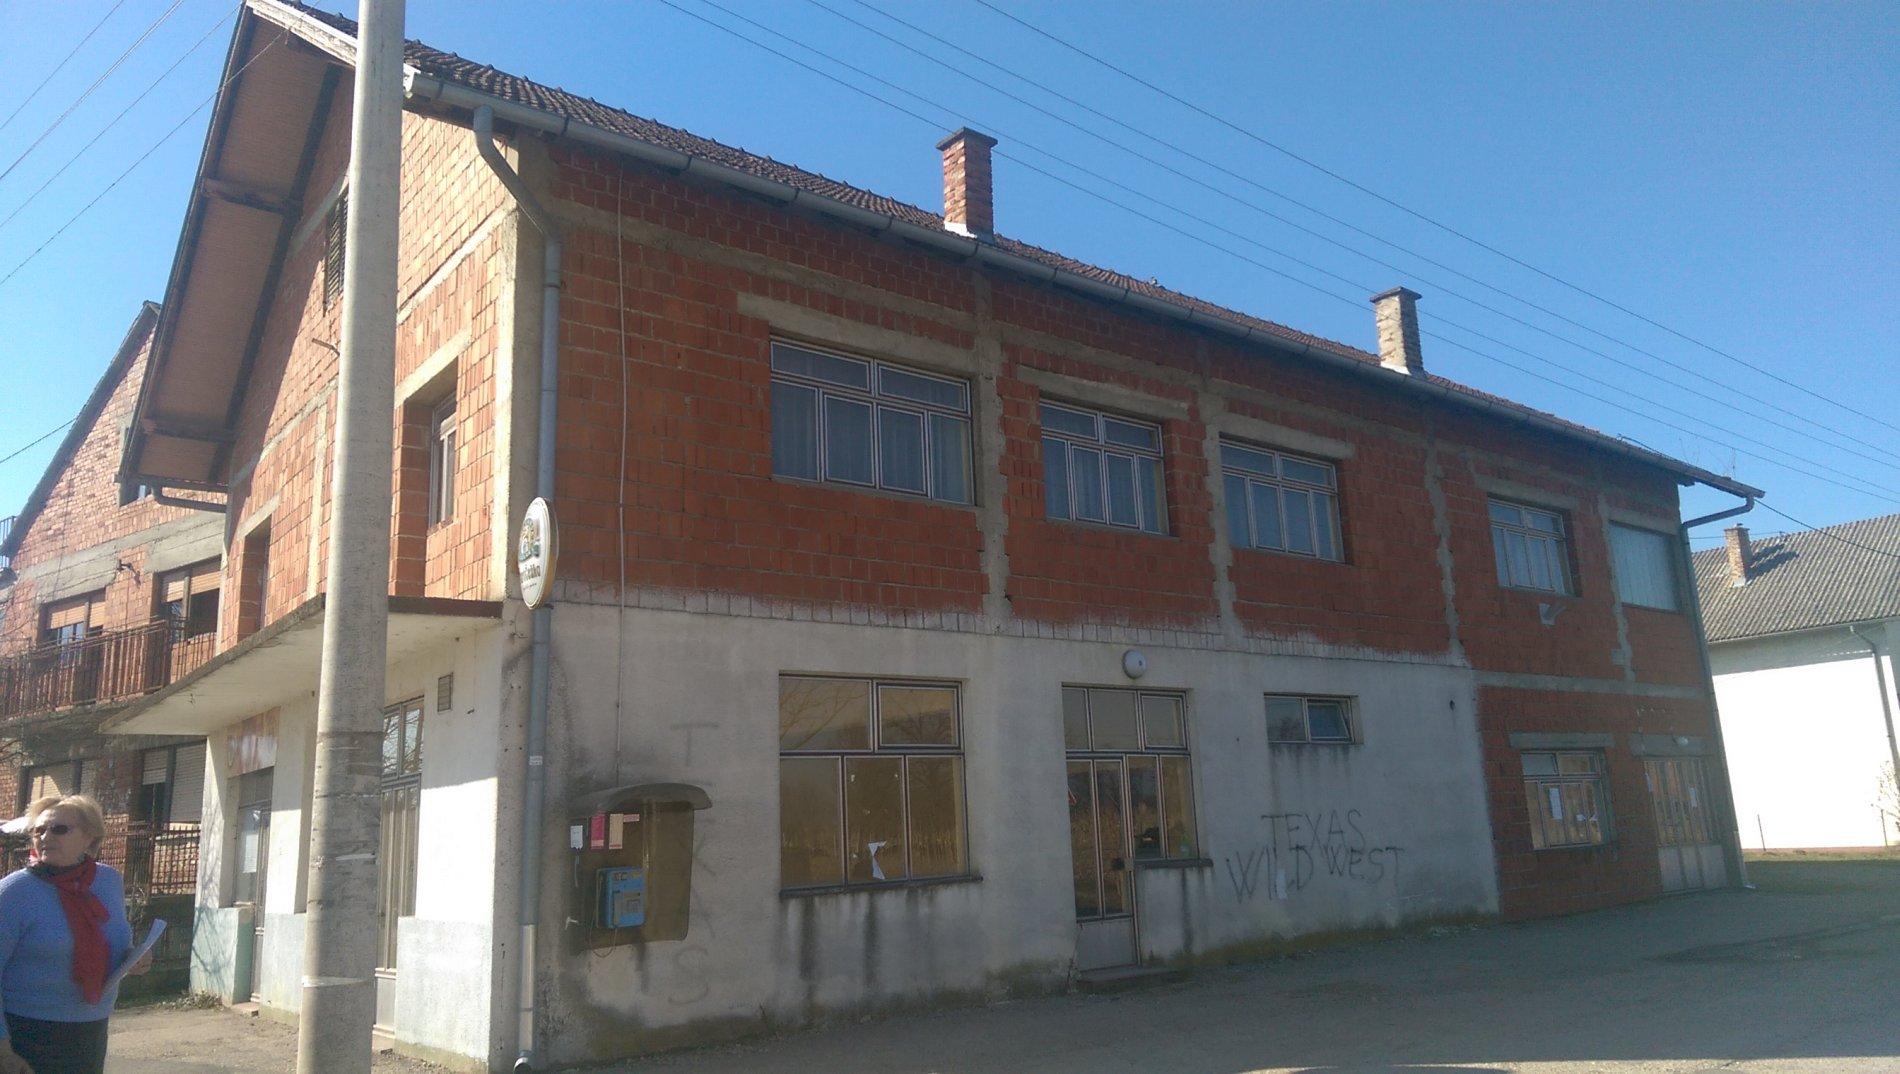 Poslovni prostori Grada Bjelovara - Mjesni dom Veliko Korenovo, Veliko Korenovo 109 A